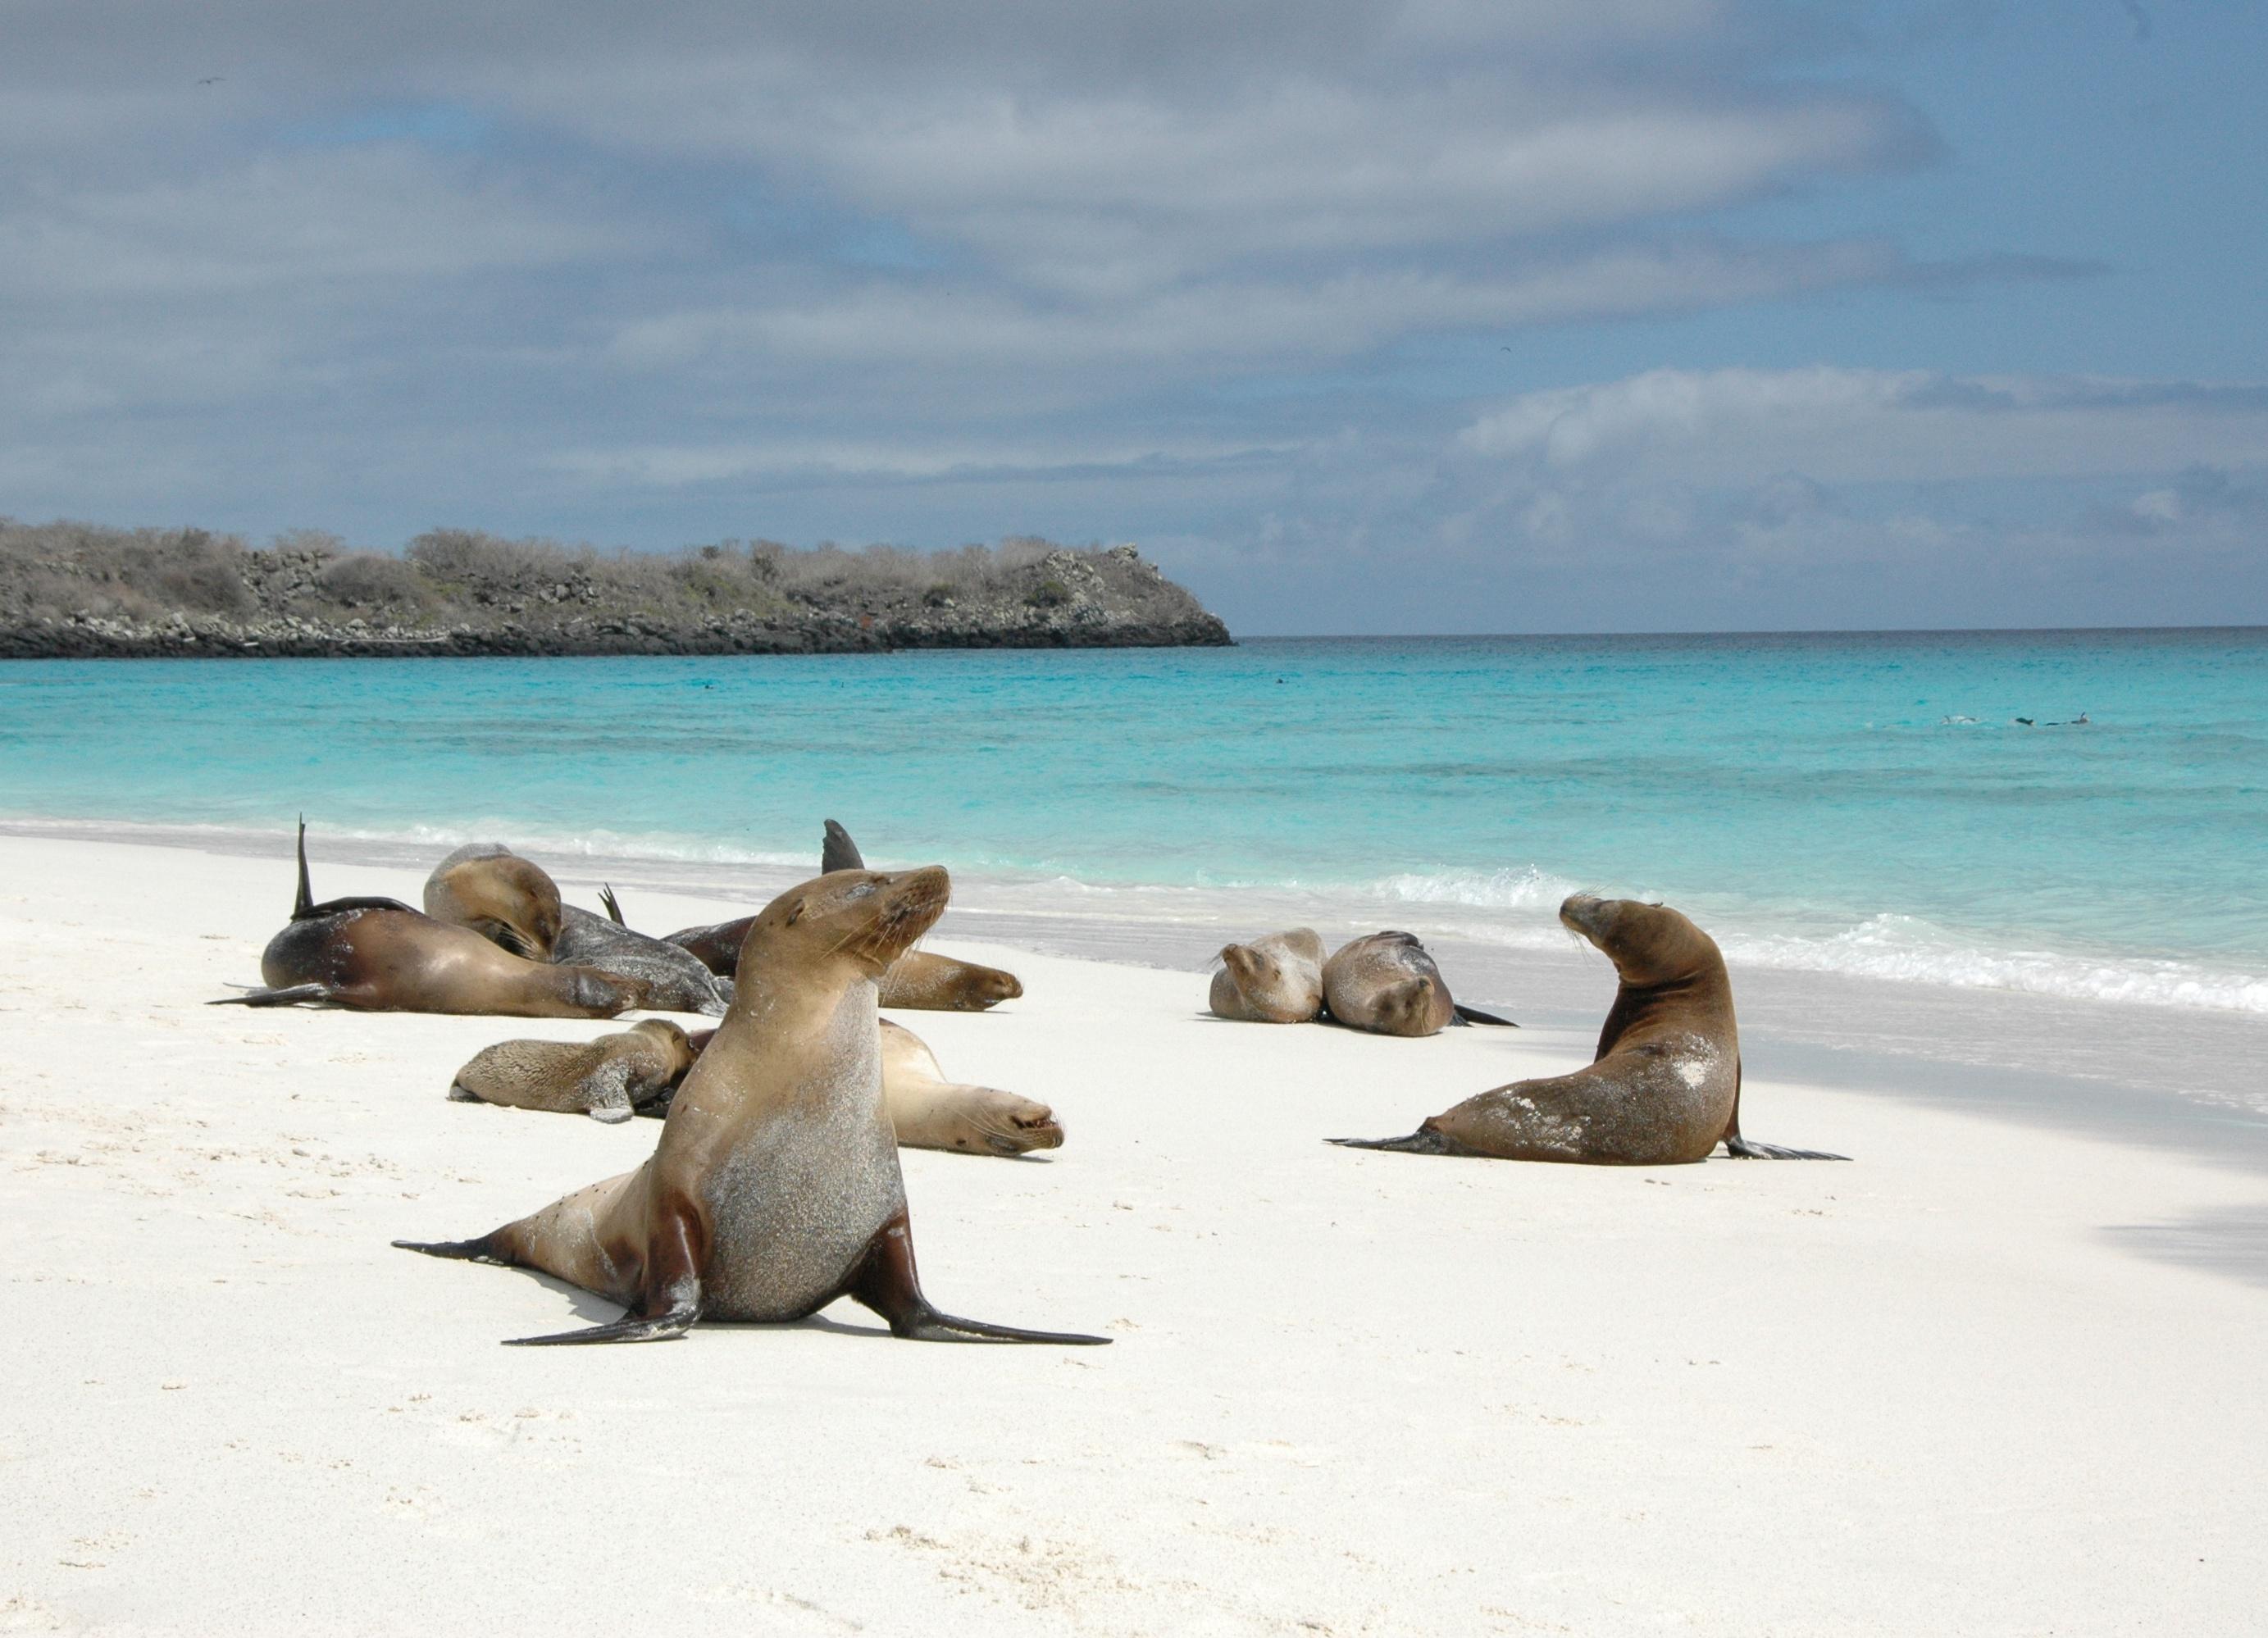 смысл эквадор фото пляжей само слово